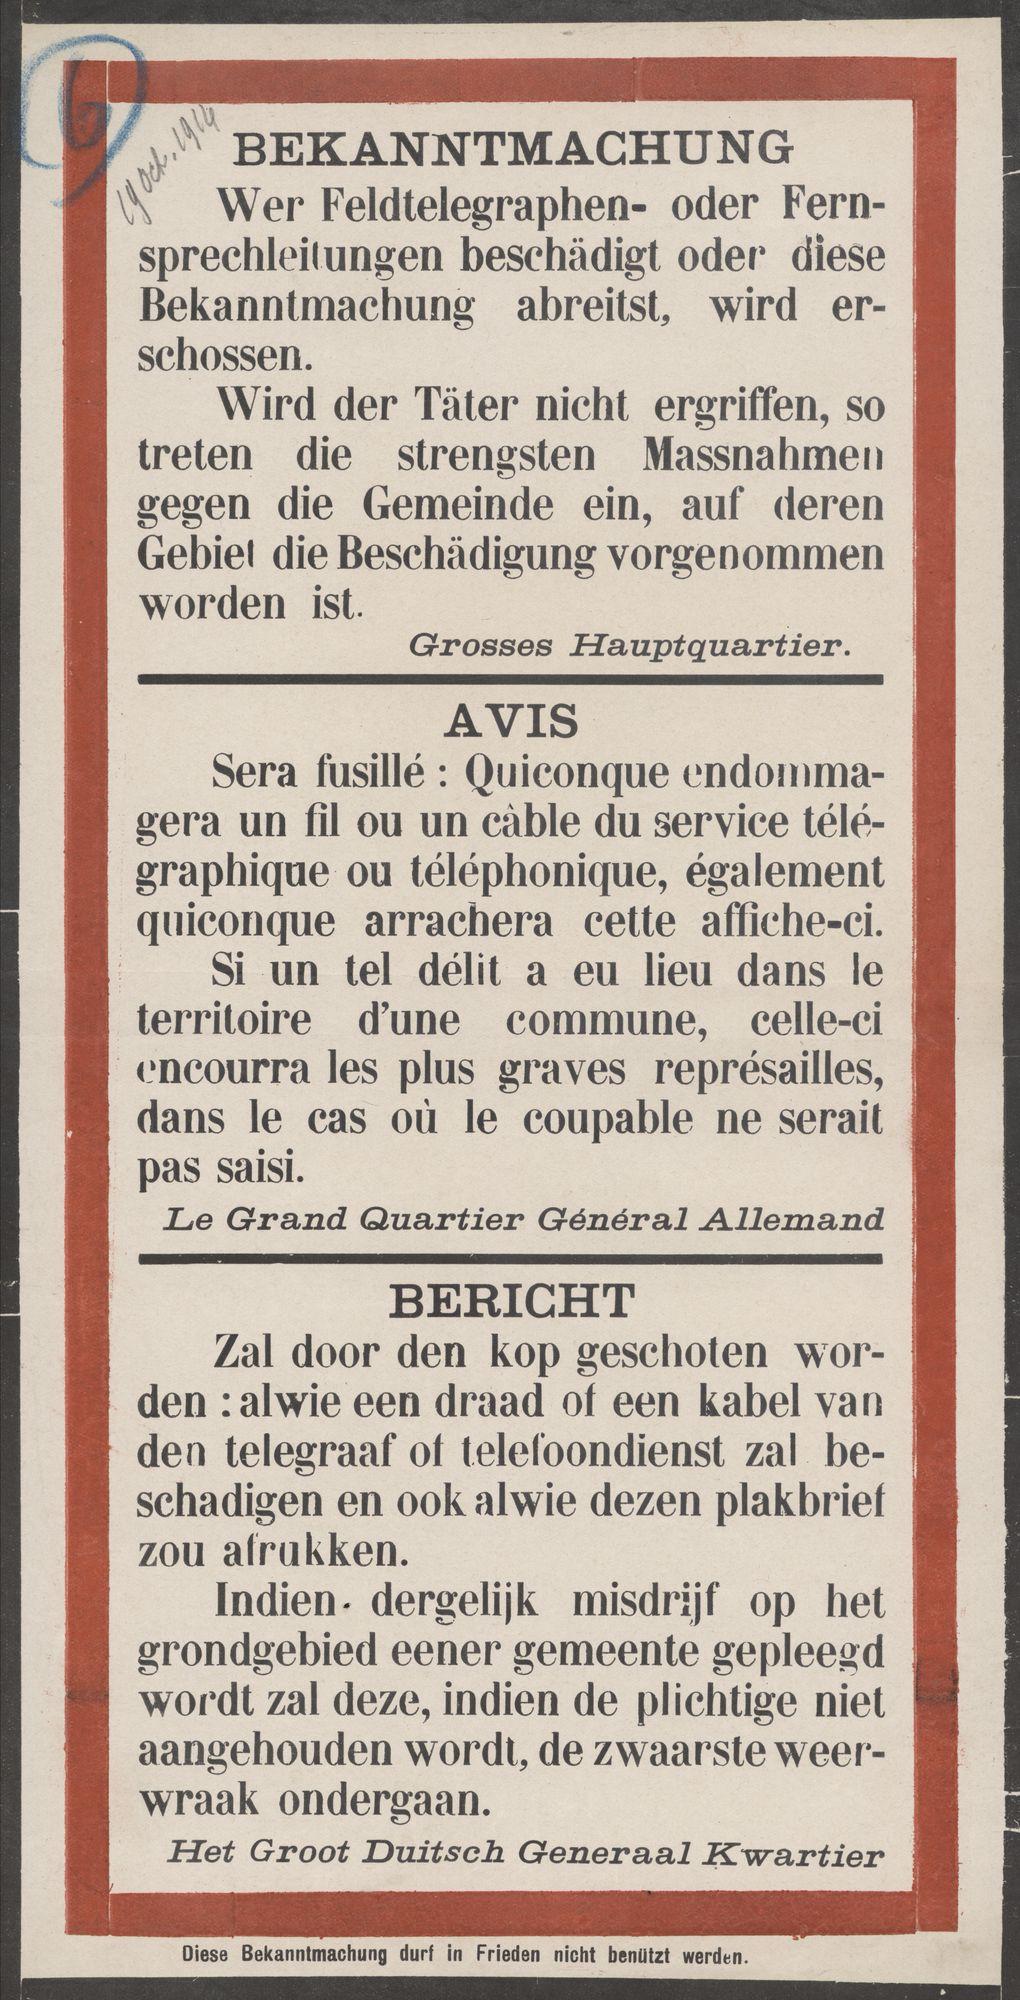 Bekanntmachung   Avis   Bericht.